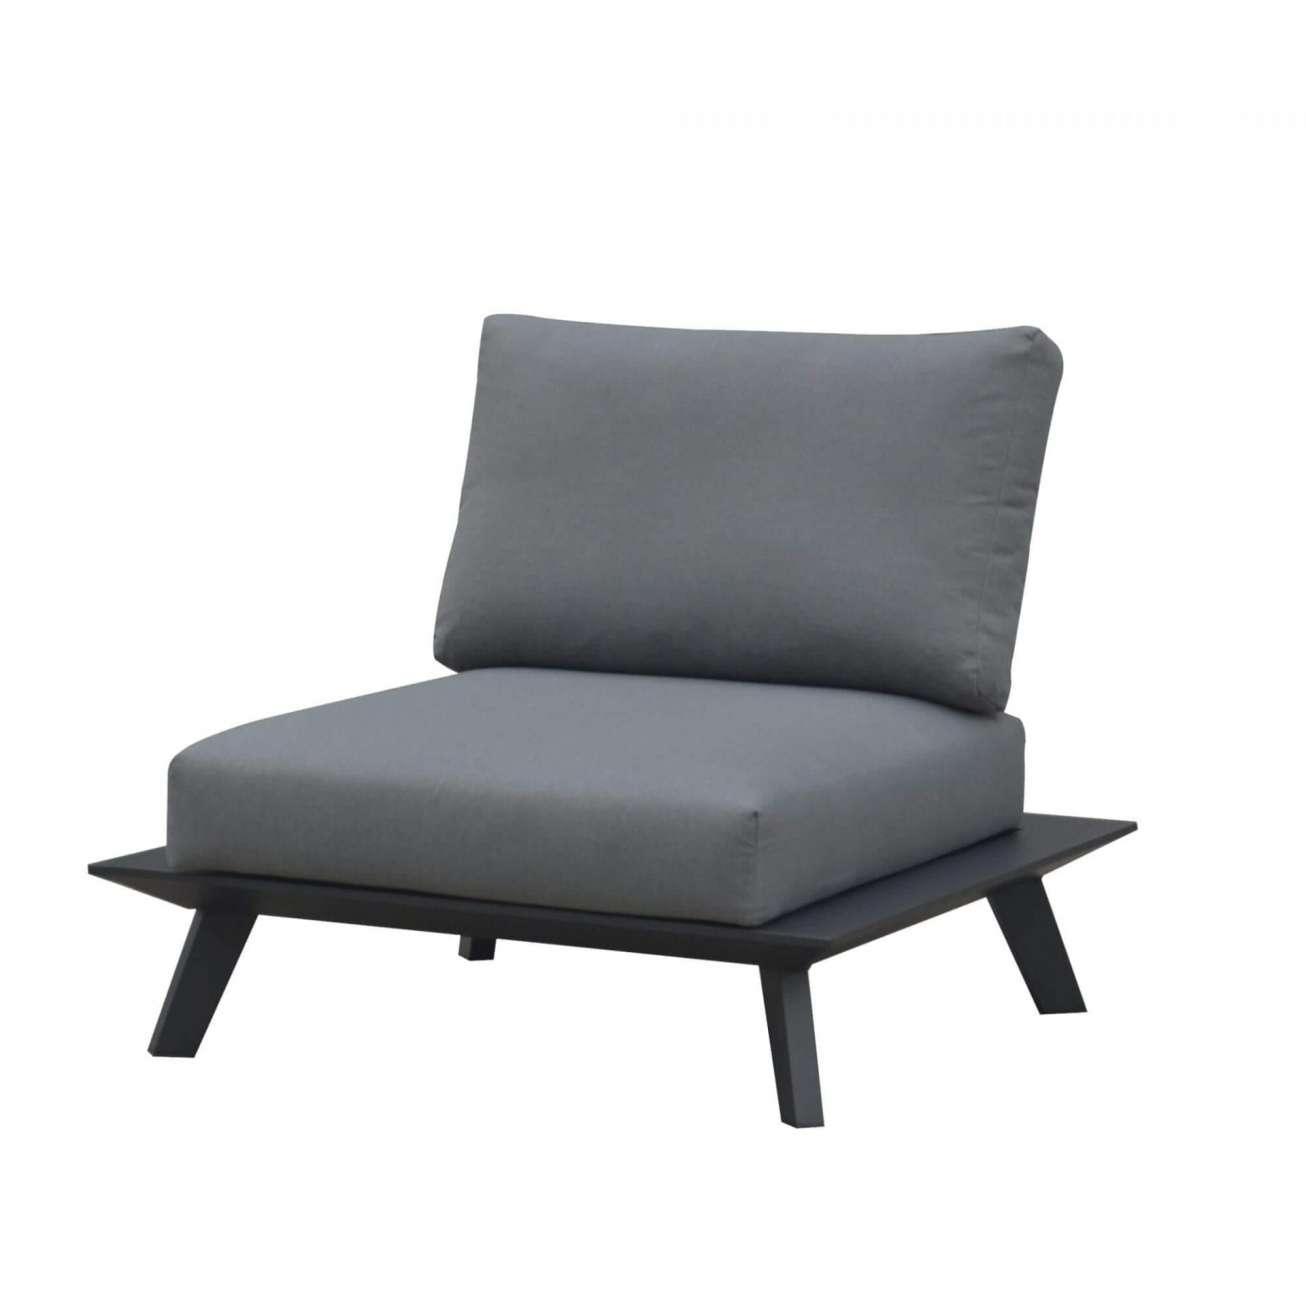 100675sort-caas620.1wo Hagemøbler og utemøbler - Fine design